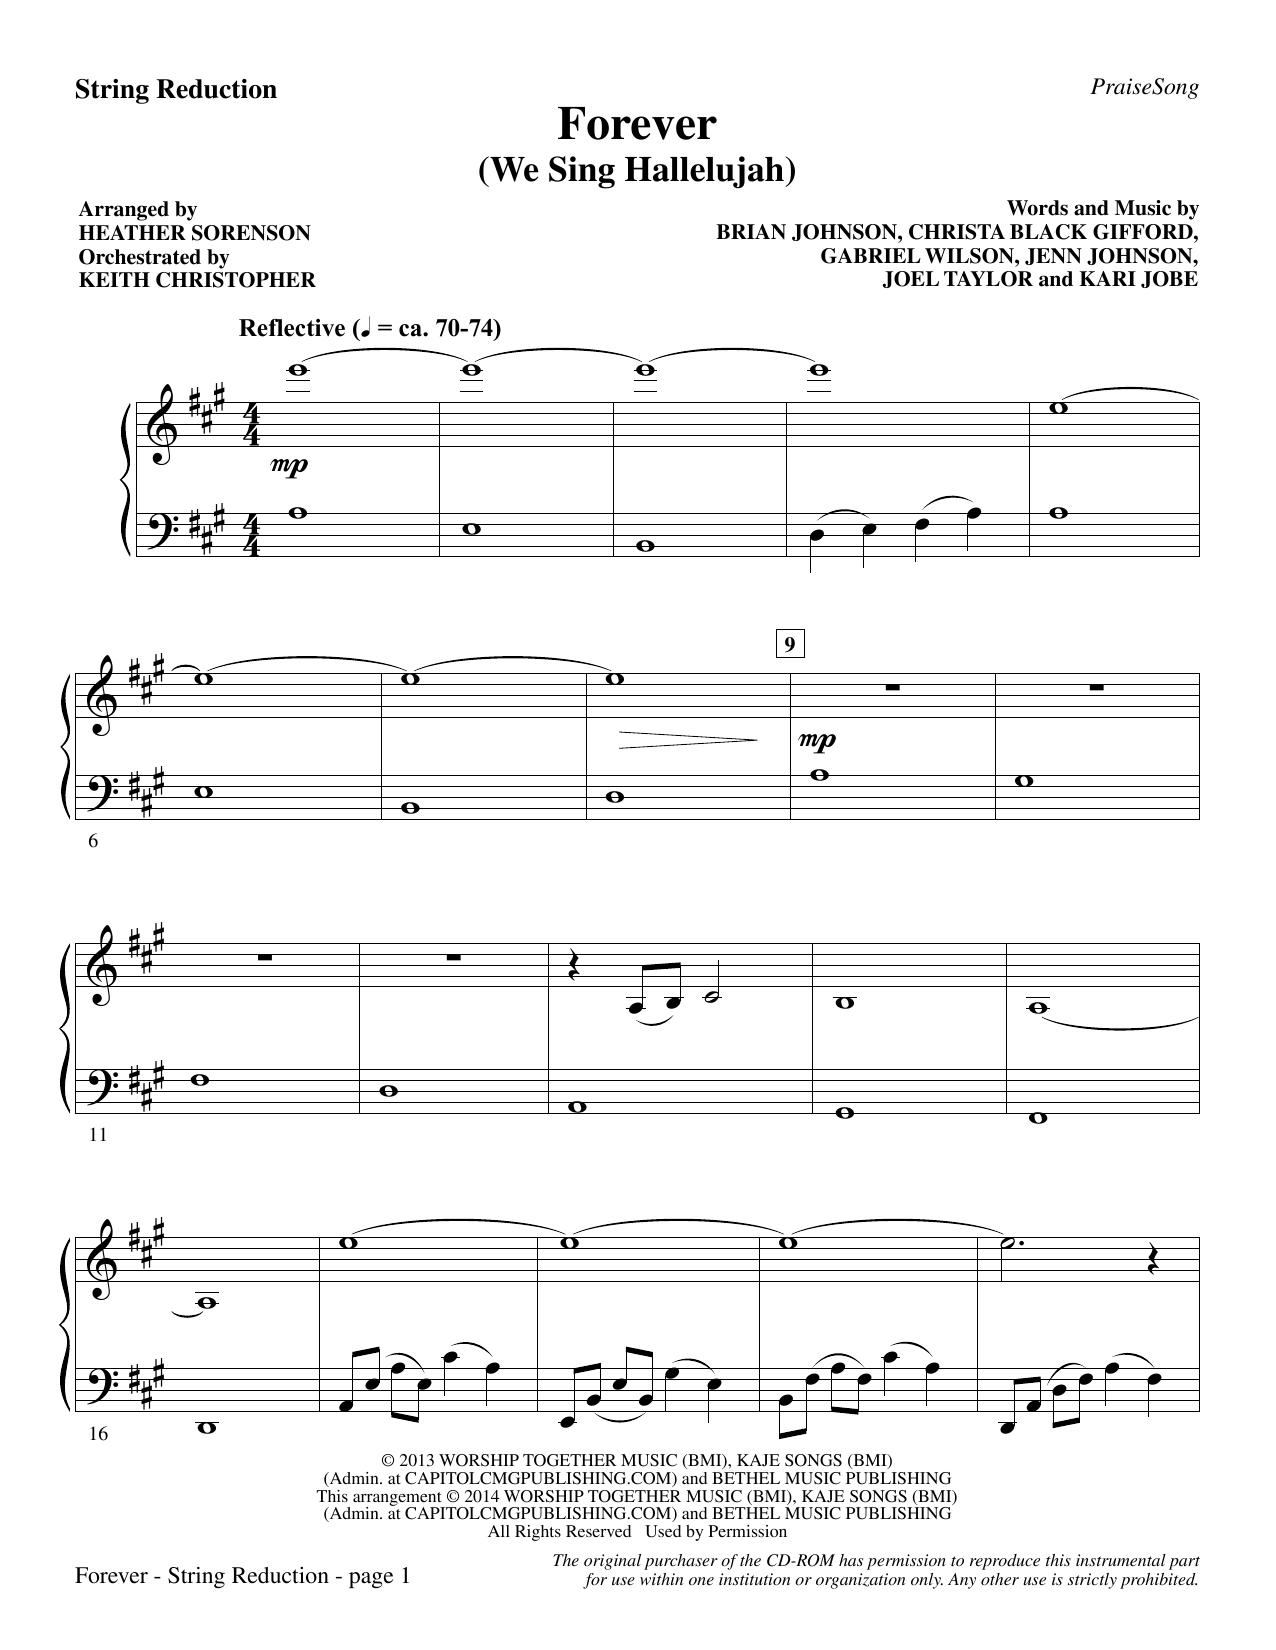 Forever (We Sing Hallelujah) - Keyboard String Reduction Sheet Music